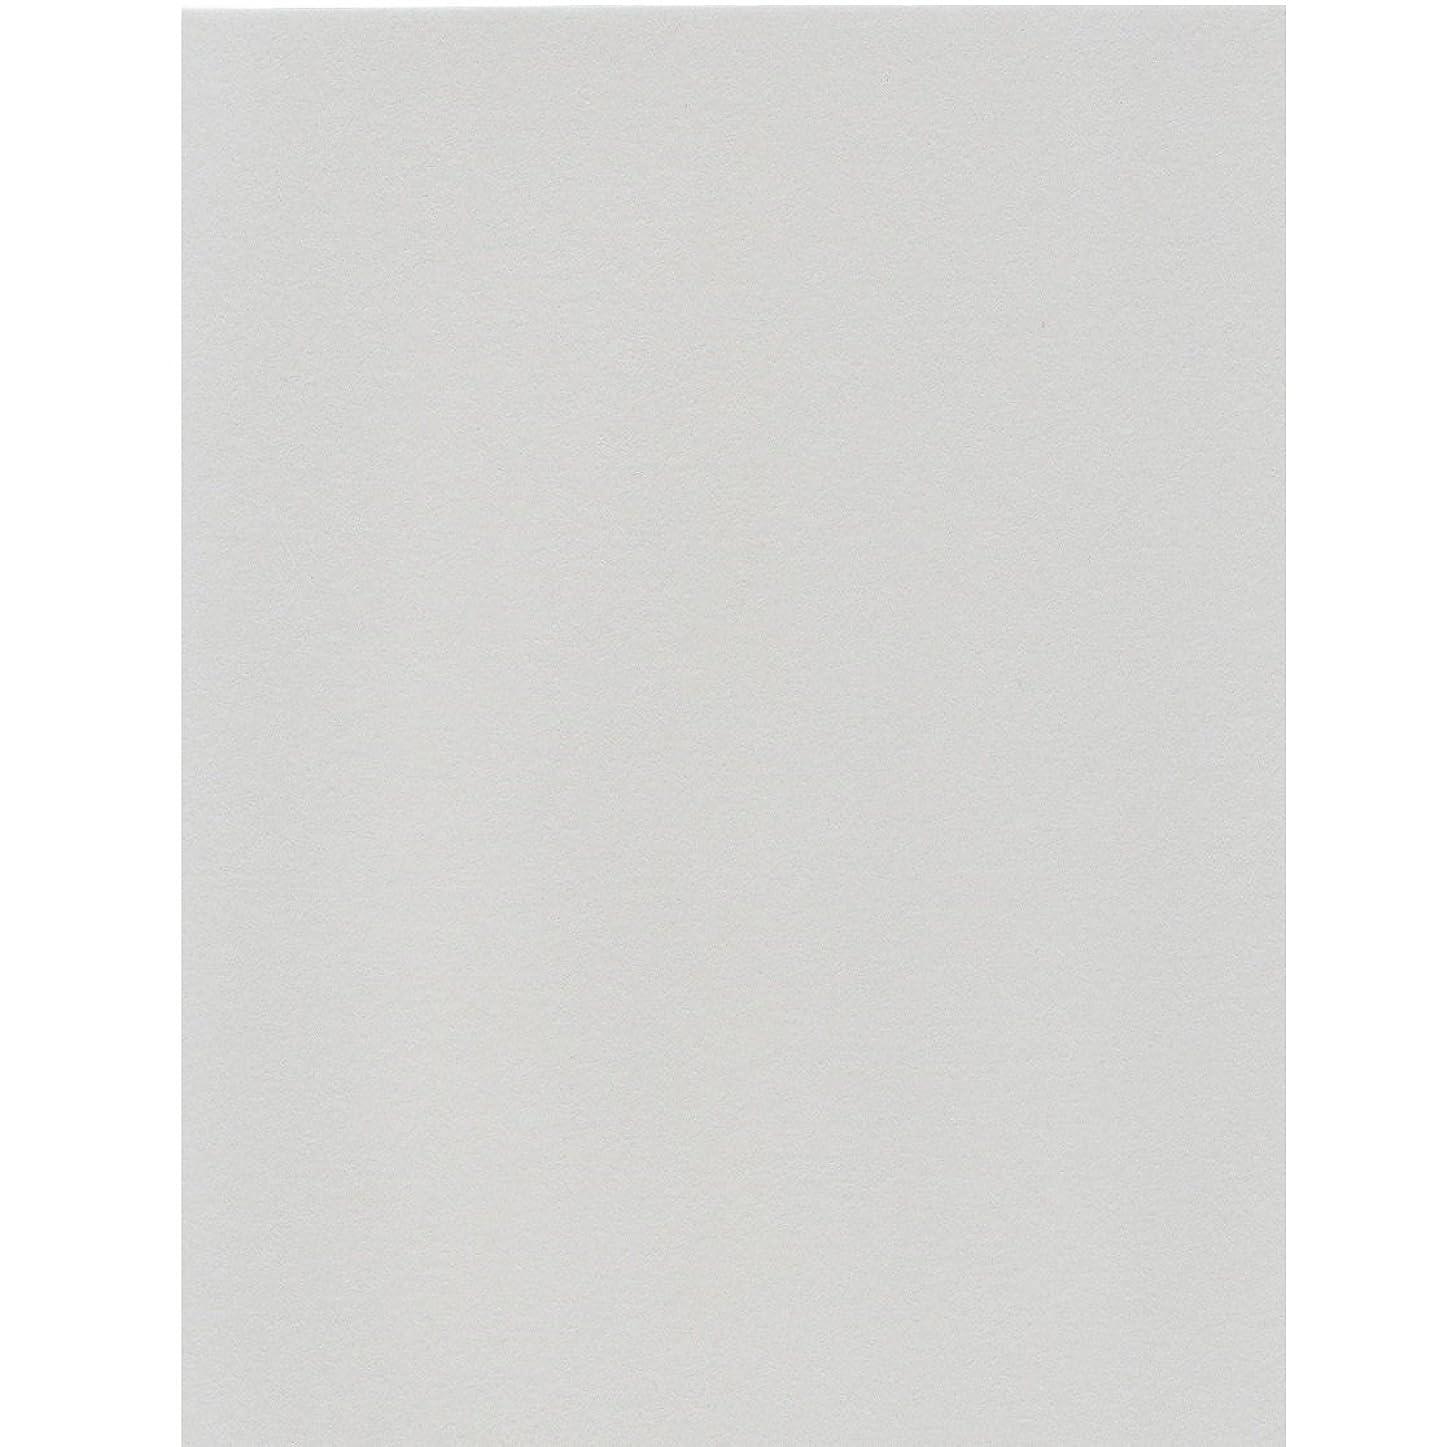 メイド暫定のオーケストラエスケント ケント紙 スターカラー A4 ミスト 100枚 5732007